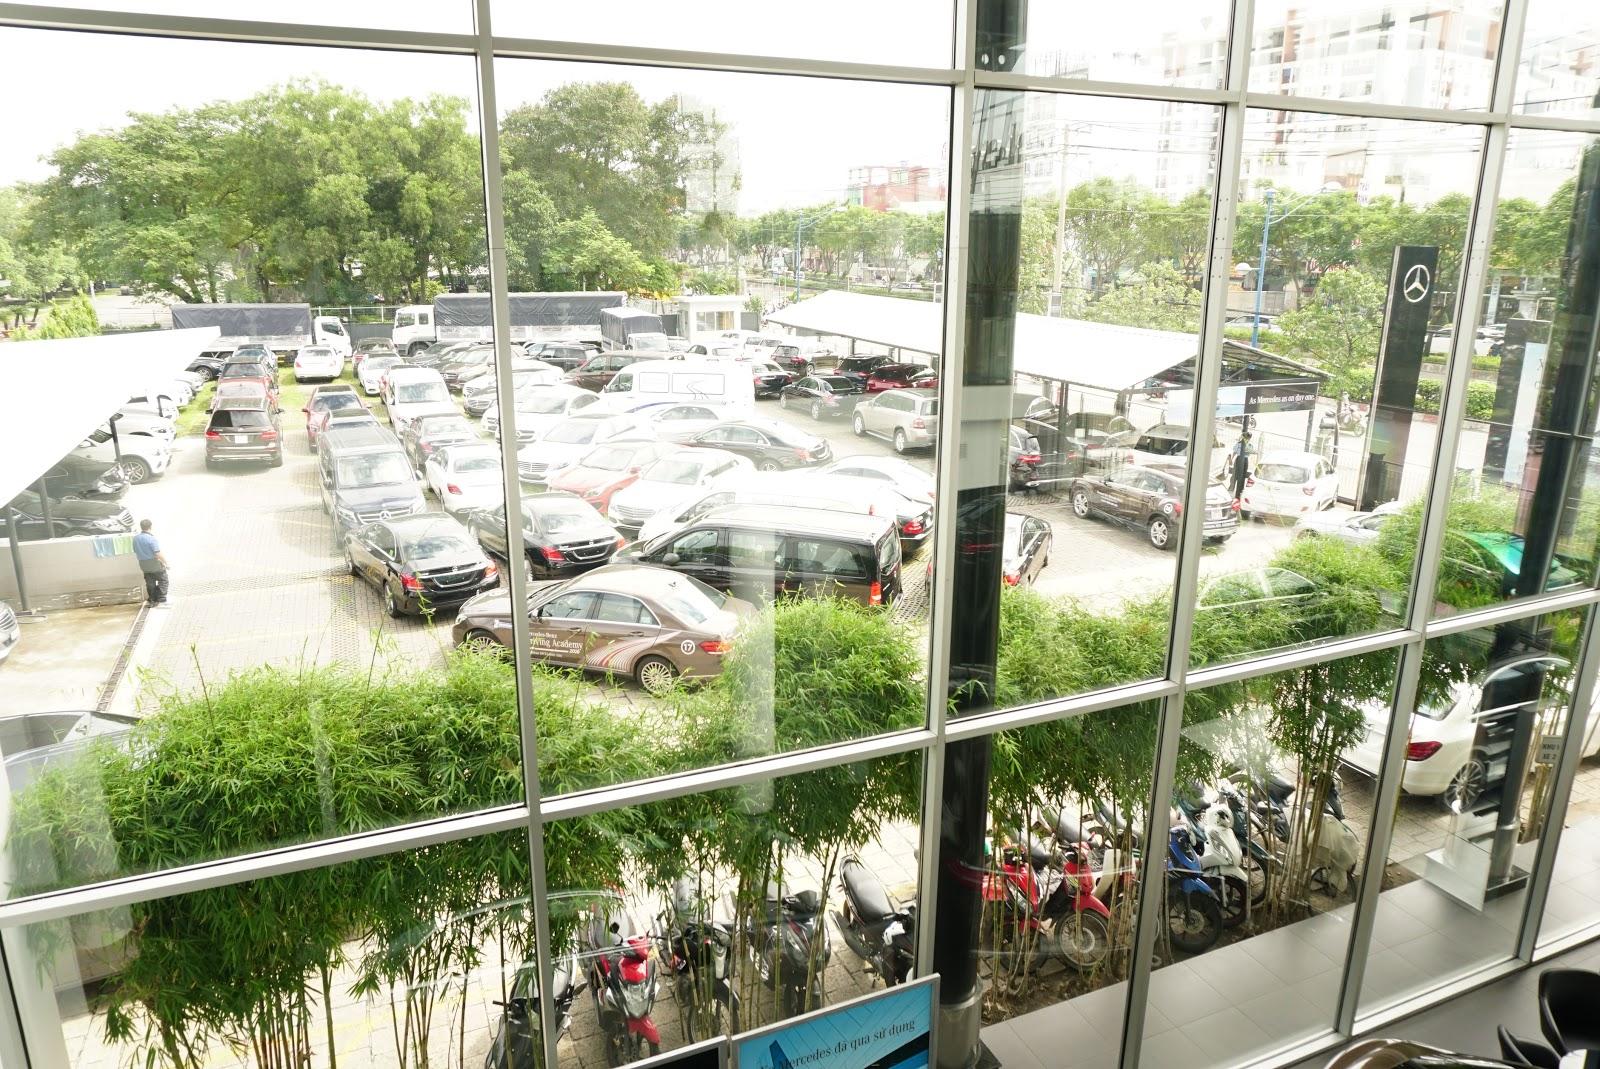 Kho lưu giữ xe của Mercedes Benz Trường Chinh khi nhìn từ trên cao